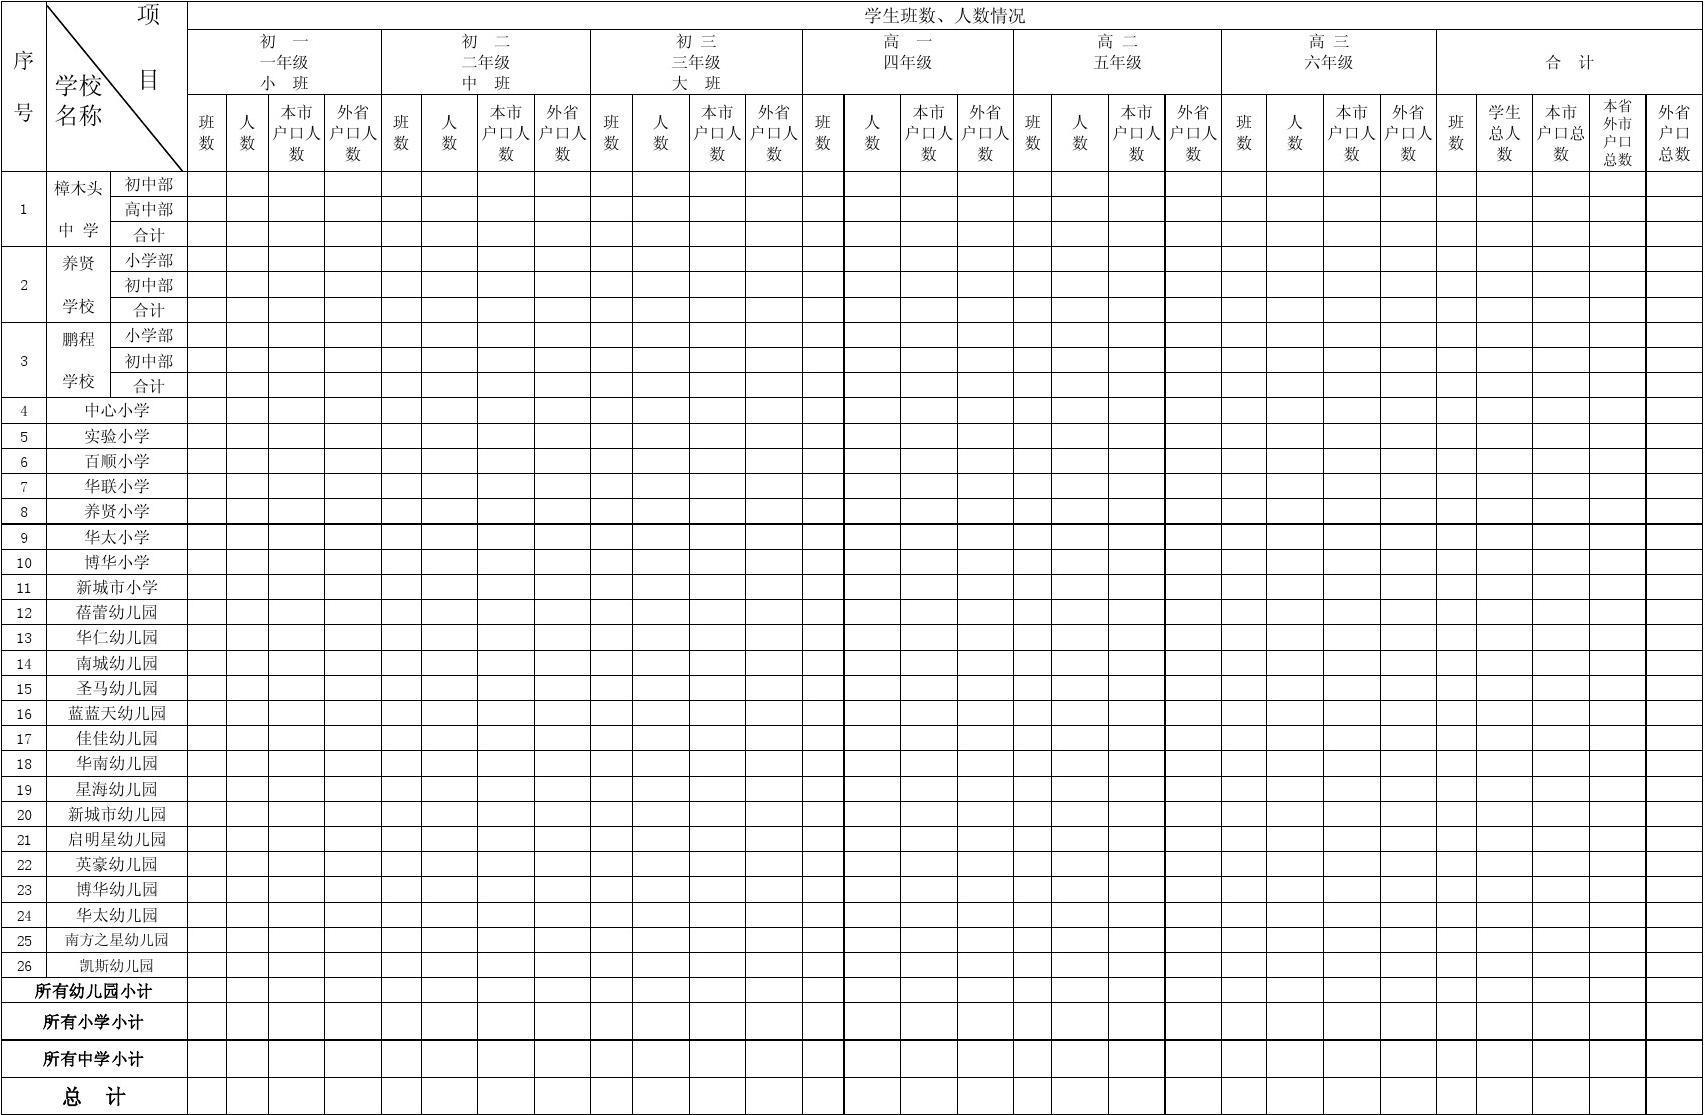 中小学生视力表_1、中、小学、幼儿园学生基本情况统计表_文档下载